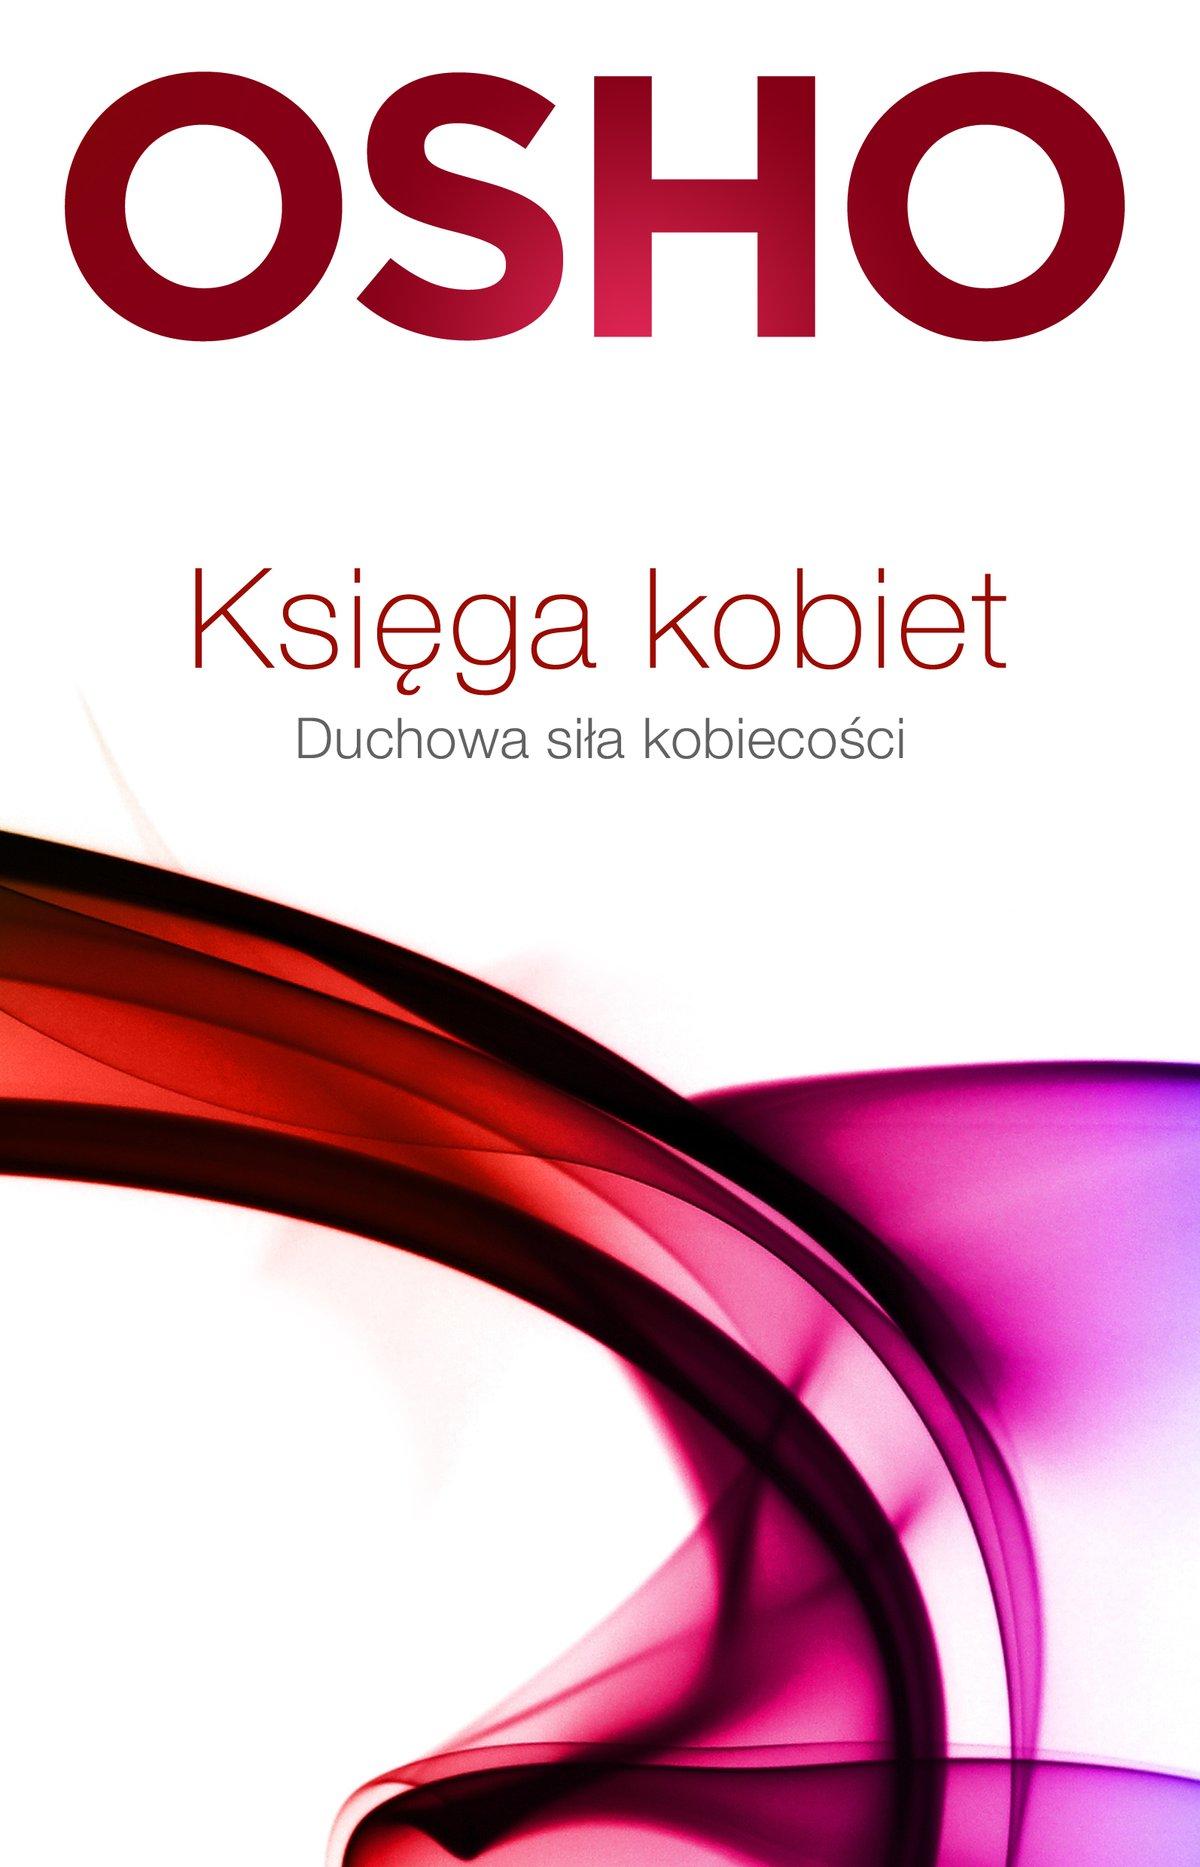 Księga kobiet - Ebook (Książka EPUB) do pobrania w formacie EPUB